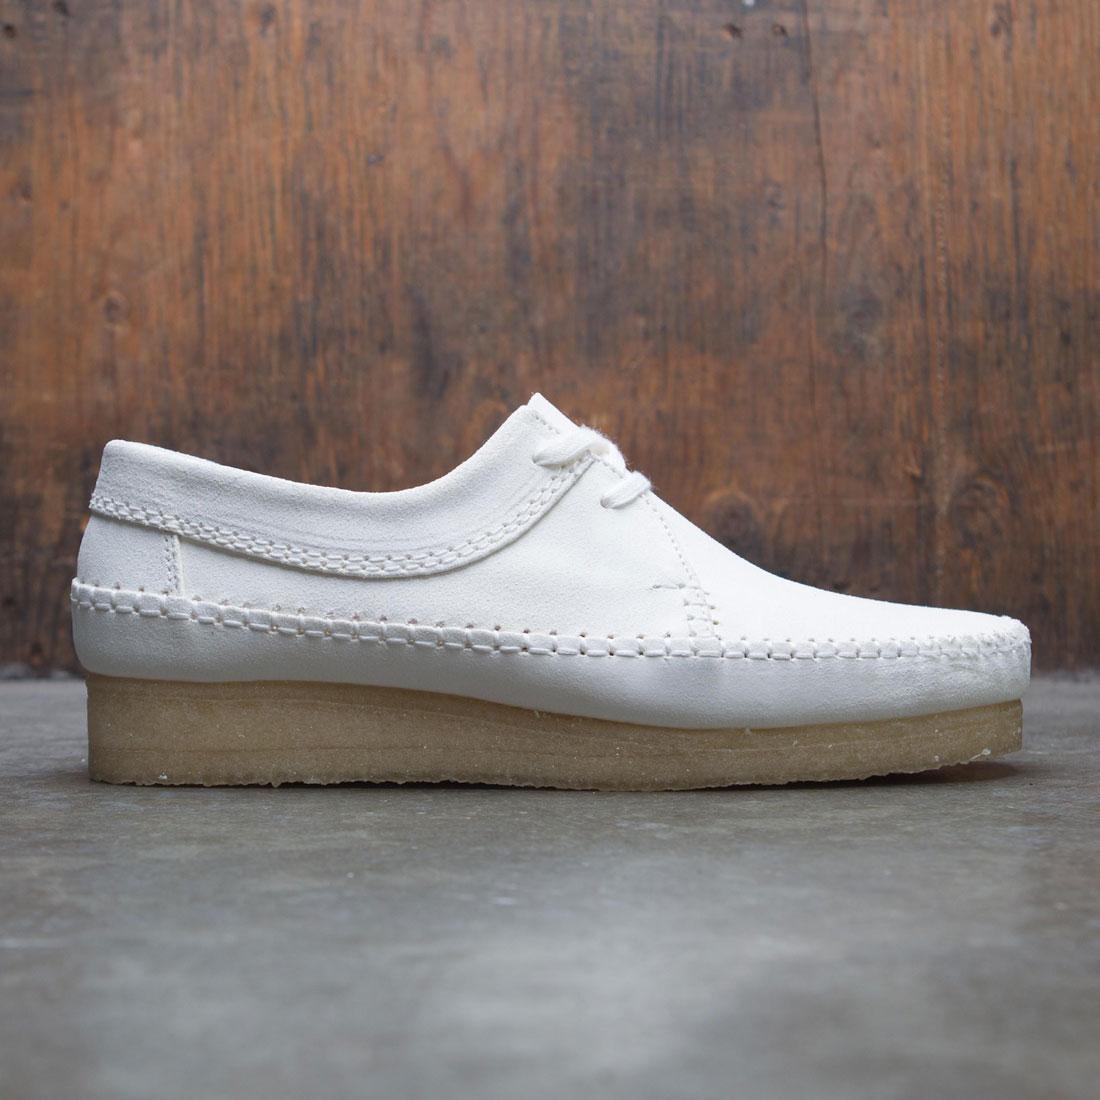 【海外限定】クラークス スエード スウェード 靴 スニーカー 【 CLARKS MEN WEAVER SUEDE WHITE 】